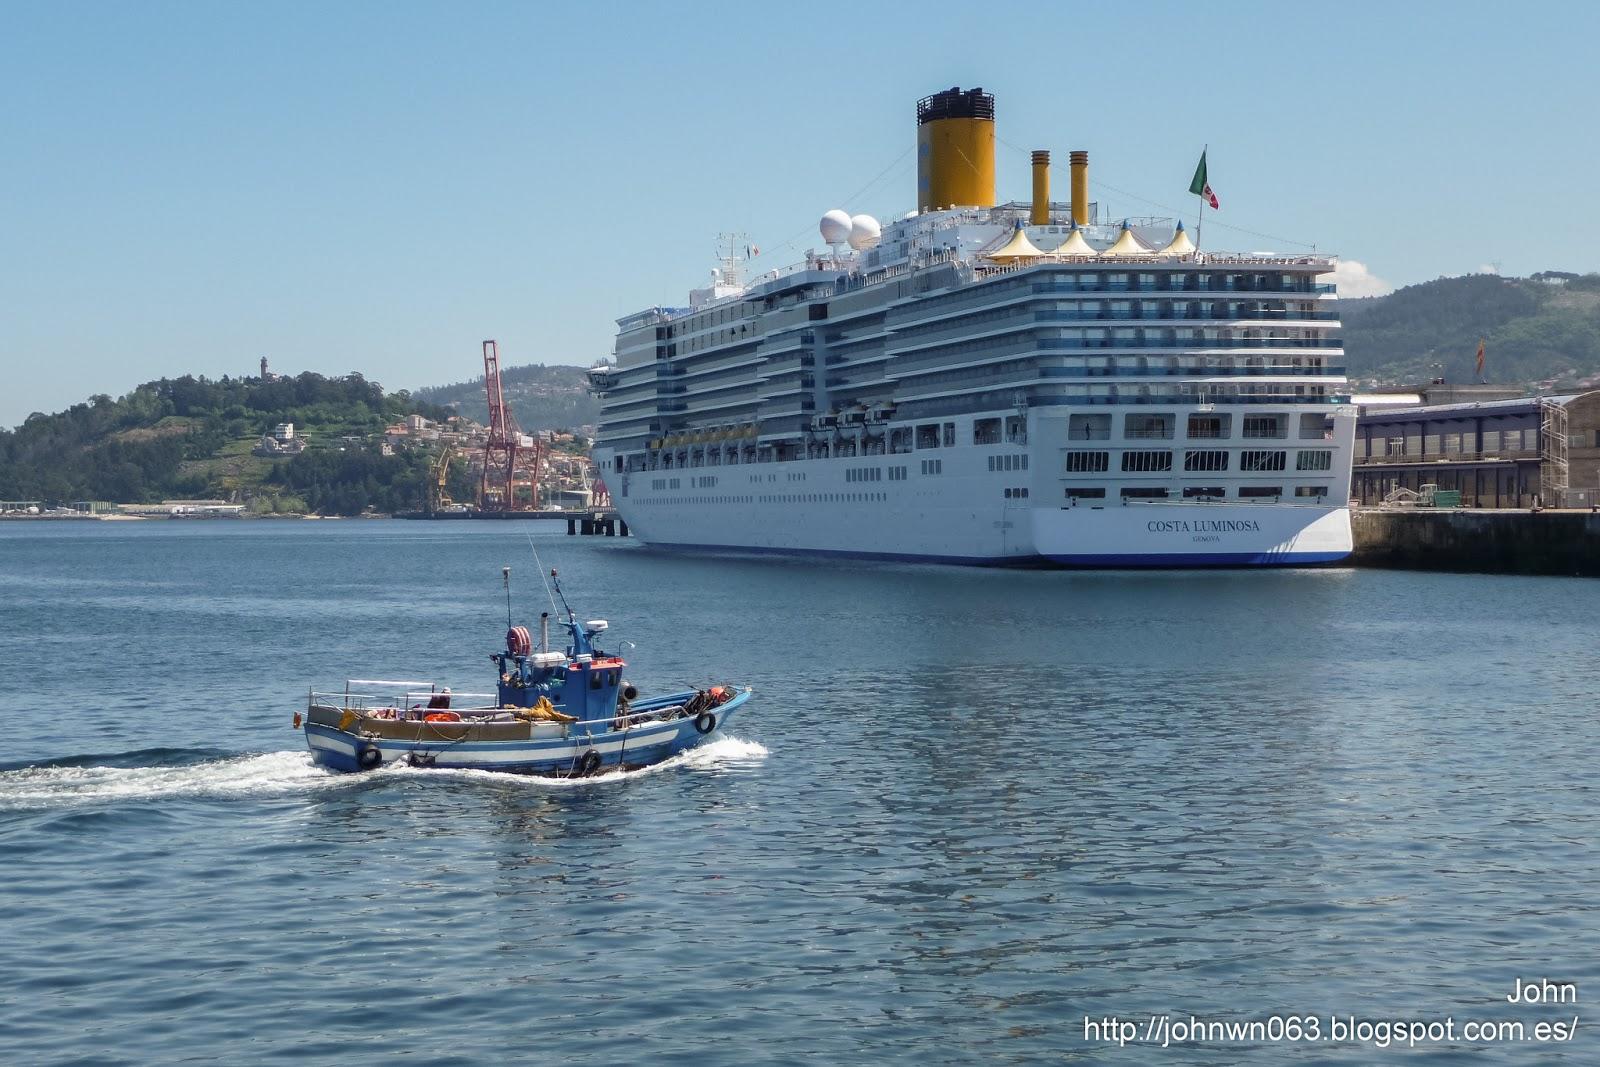 Fotos de barcos costa luminosa - Puerto de vigo cruceros ...